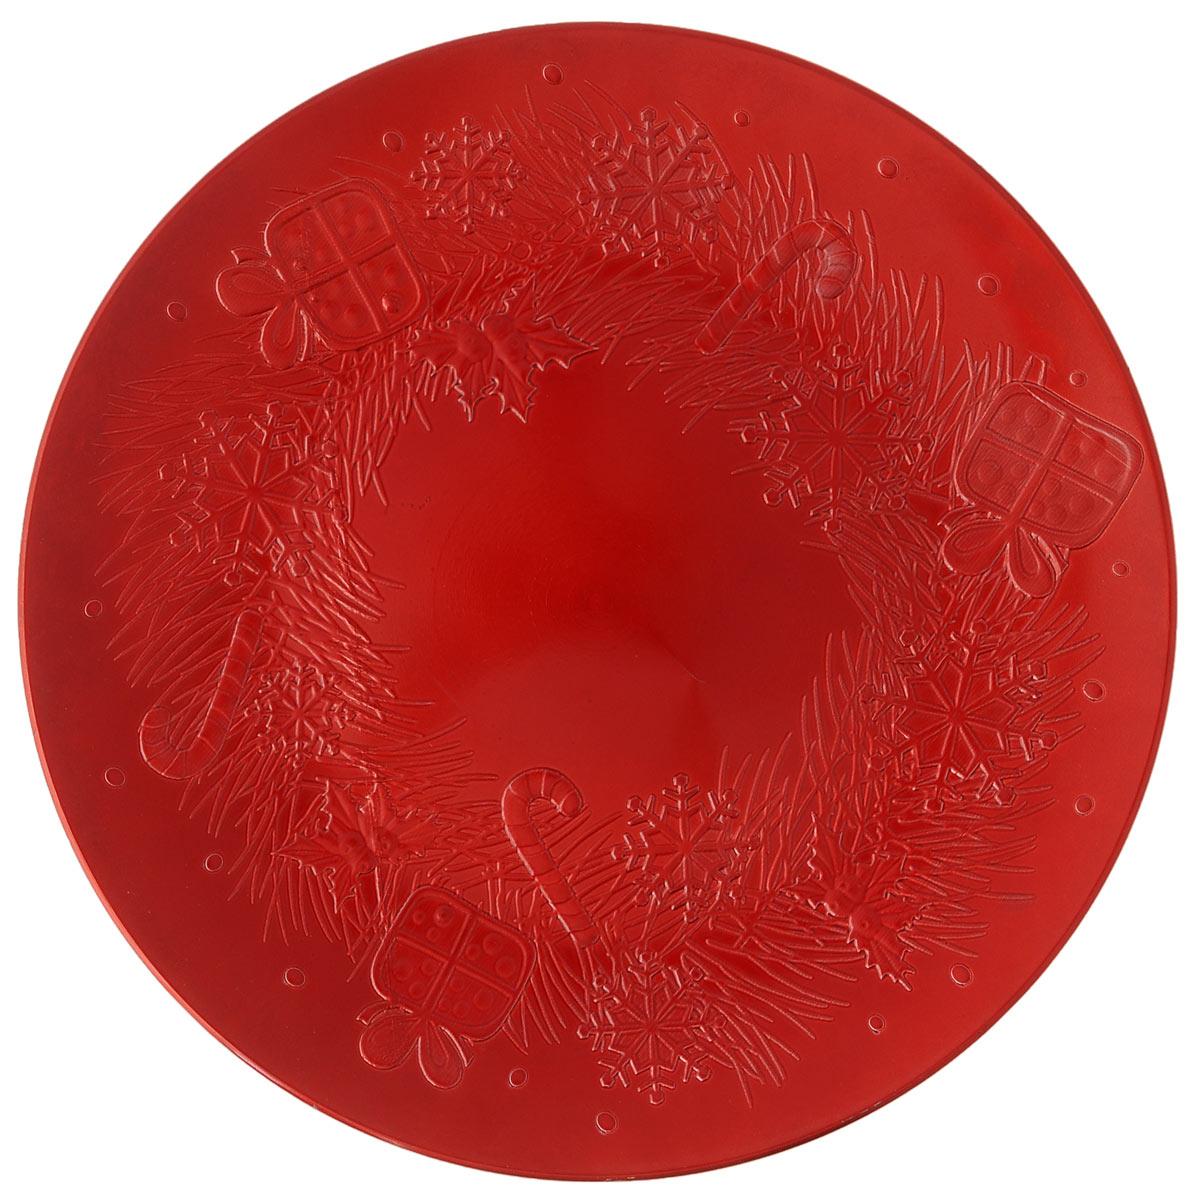 Блюдо Lillo Новогоднее, цвет: красный, диаметр 33 см13079 CБлюдо Lillo Новогоднее, выполненное из высококачественного пластика, оформлено объемными изображениями в виде подарков и снежинок. Блюдо Lillo Новогоднее доставит истинное удовольствие ценителям прекрасного. Яркий дизайн, несомненно придется вам по вкусу. Диаметр: 33 см. Высота стенки: 2 см.